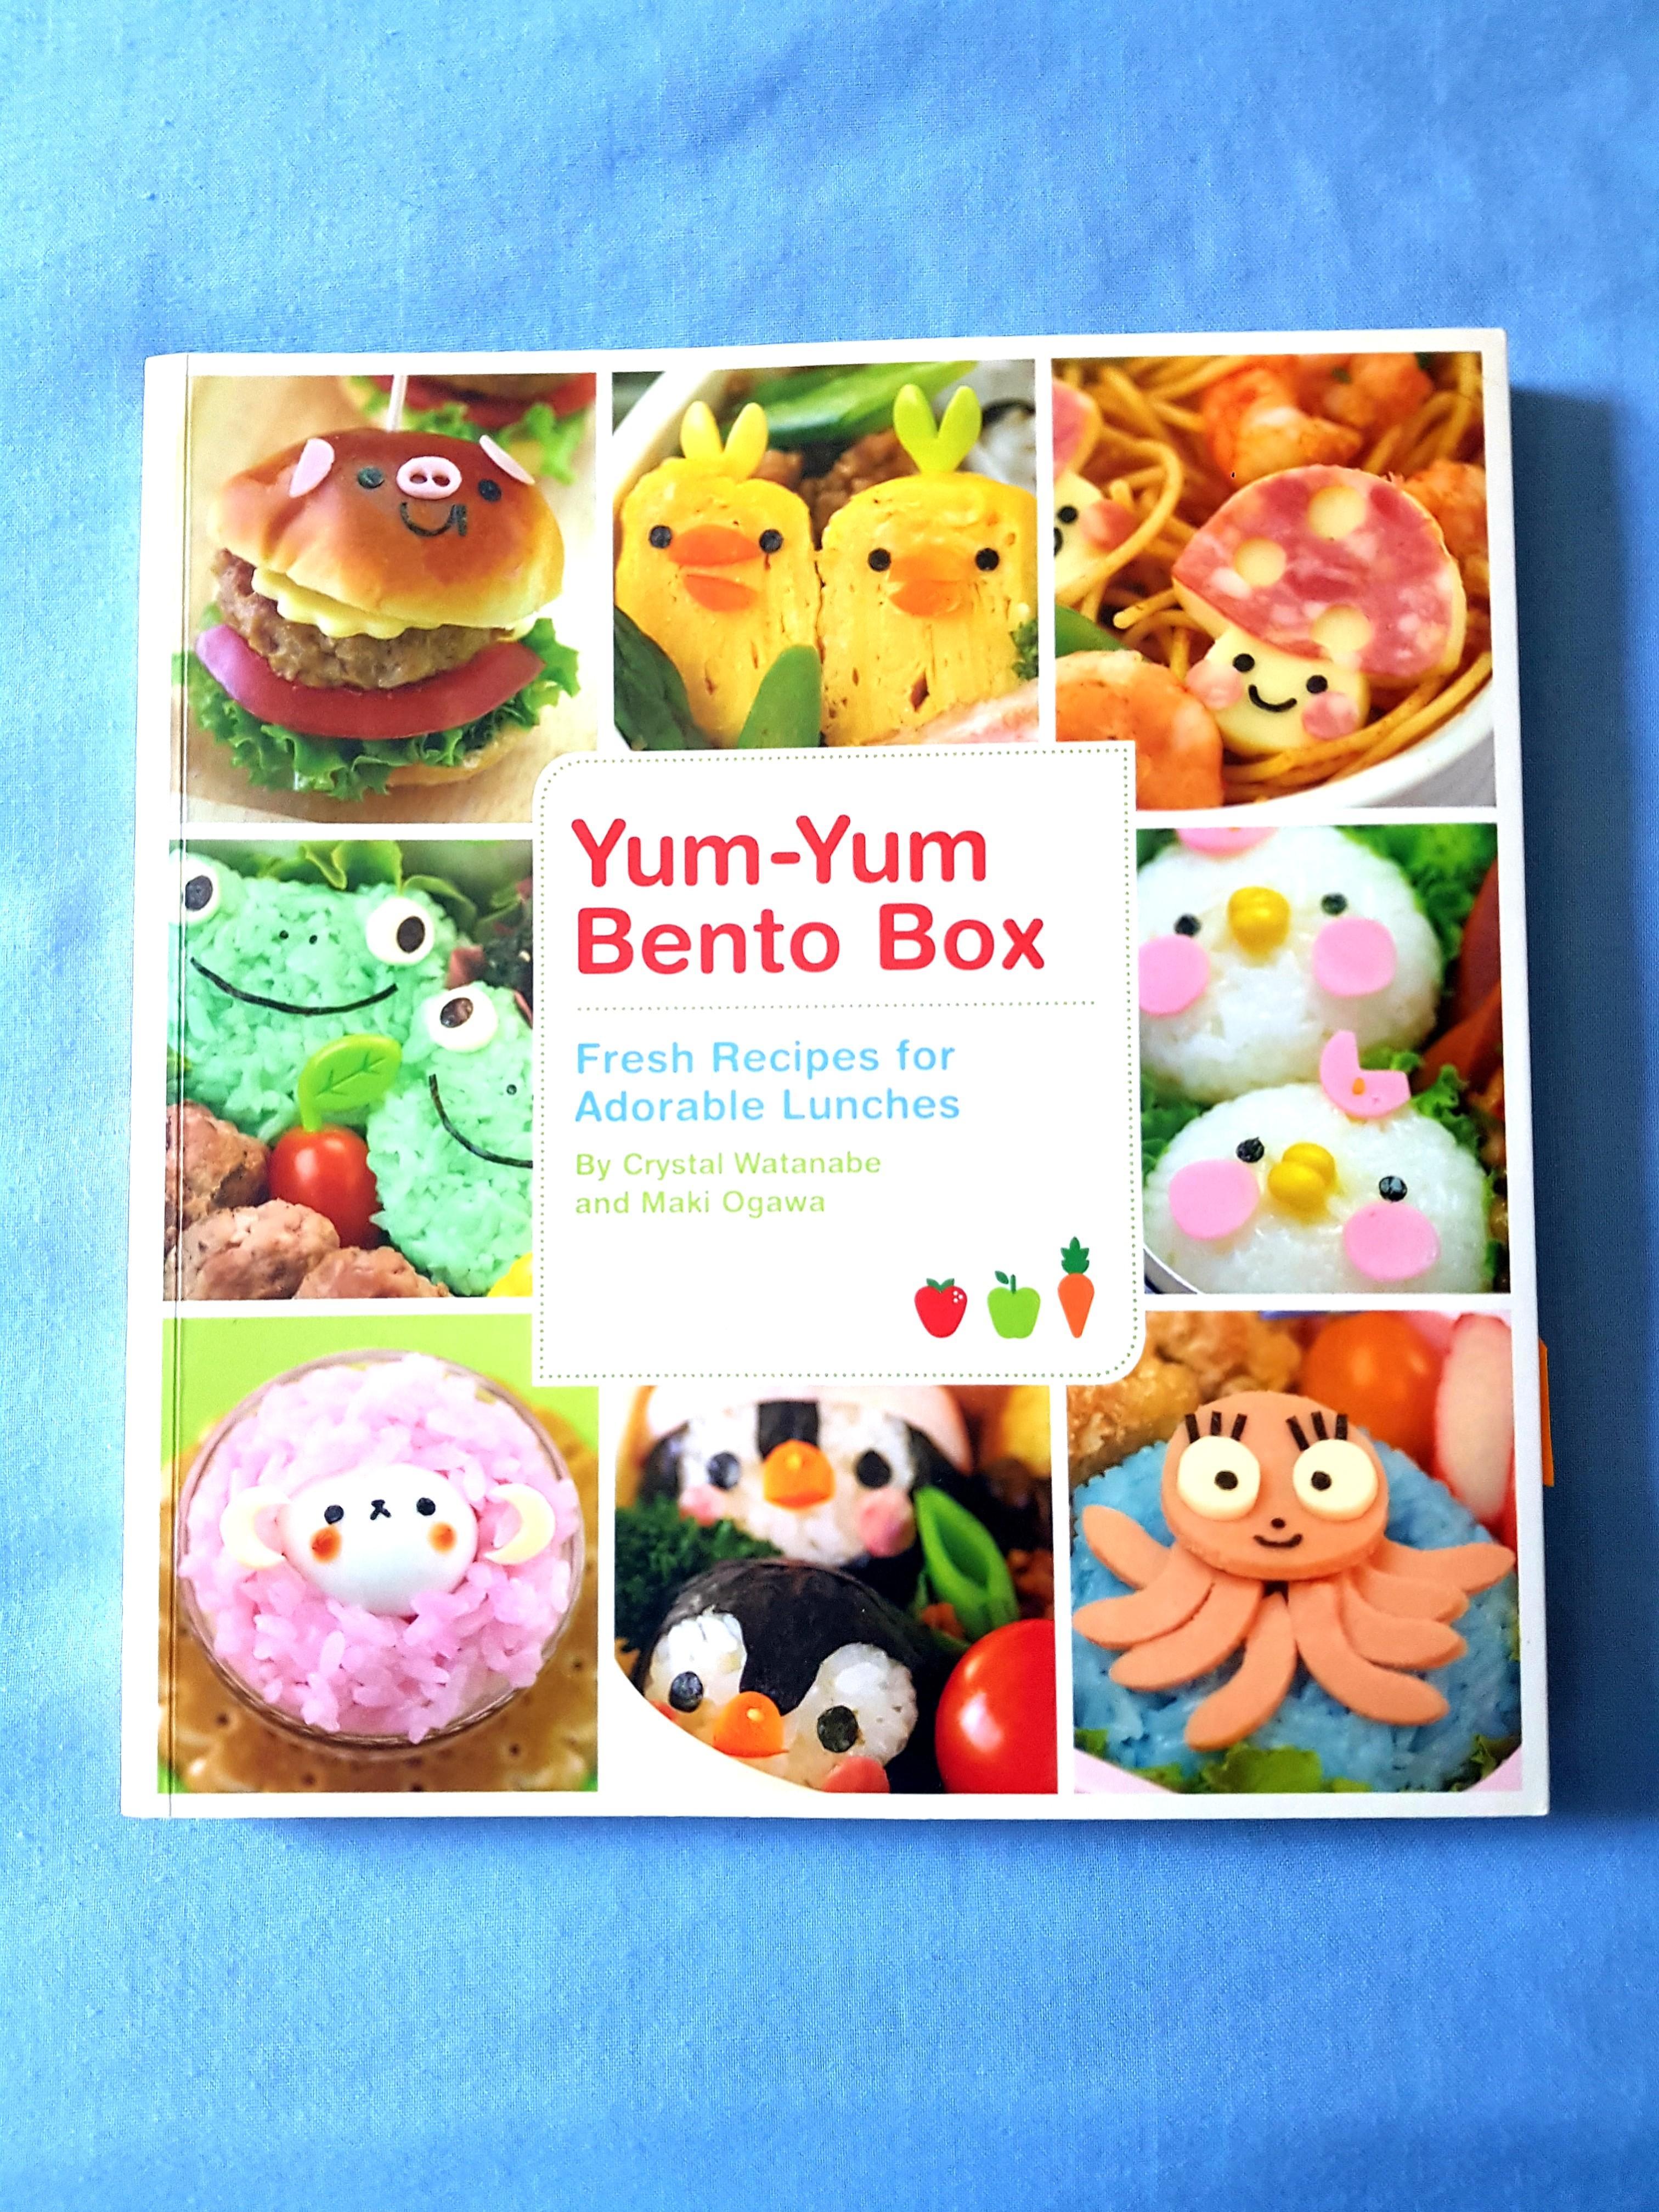 NEW Yum Yum Bento Box Recipe book